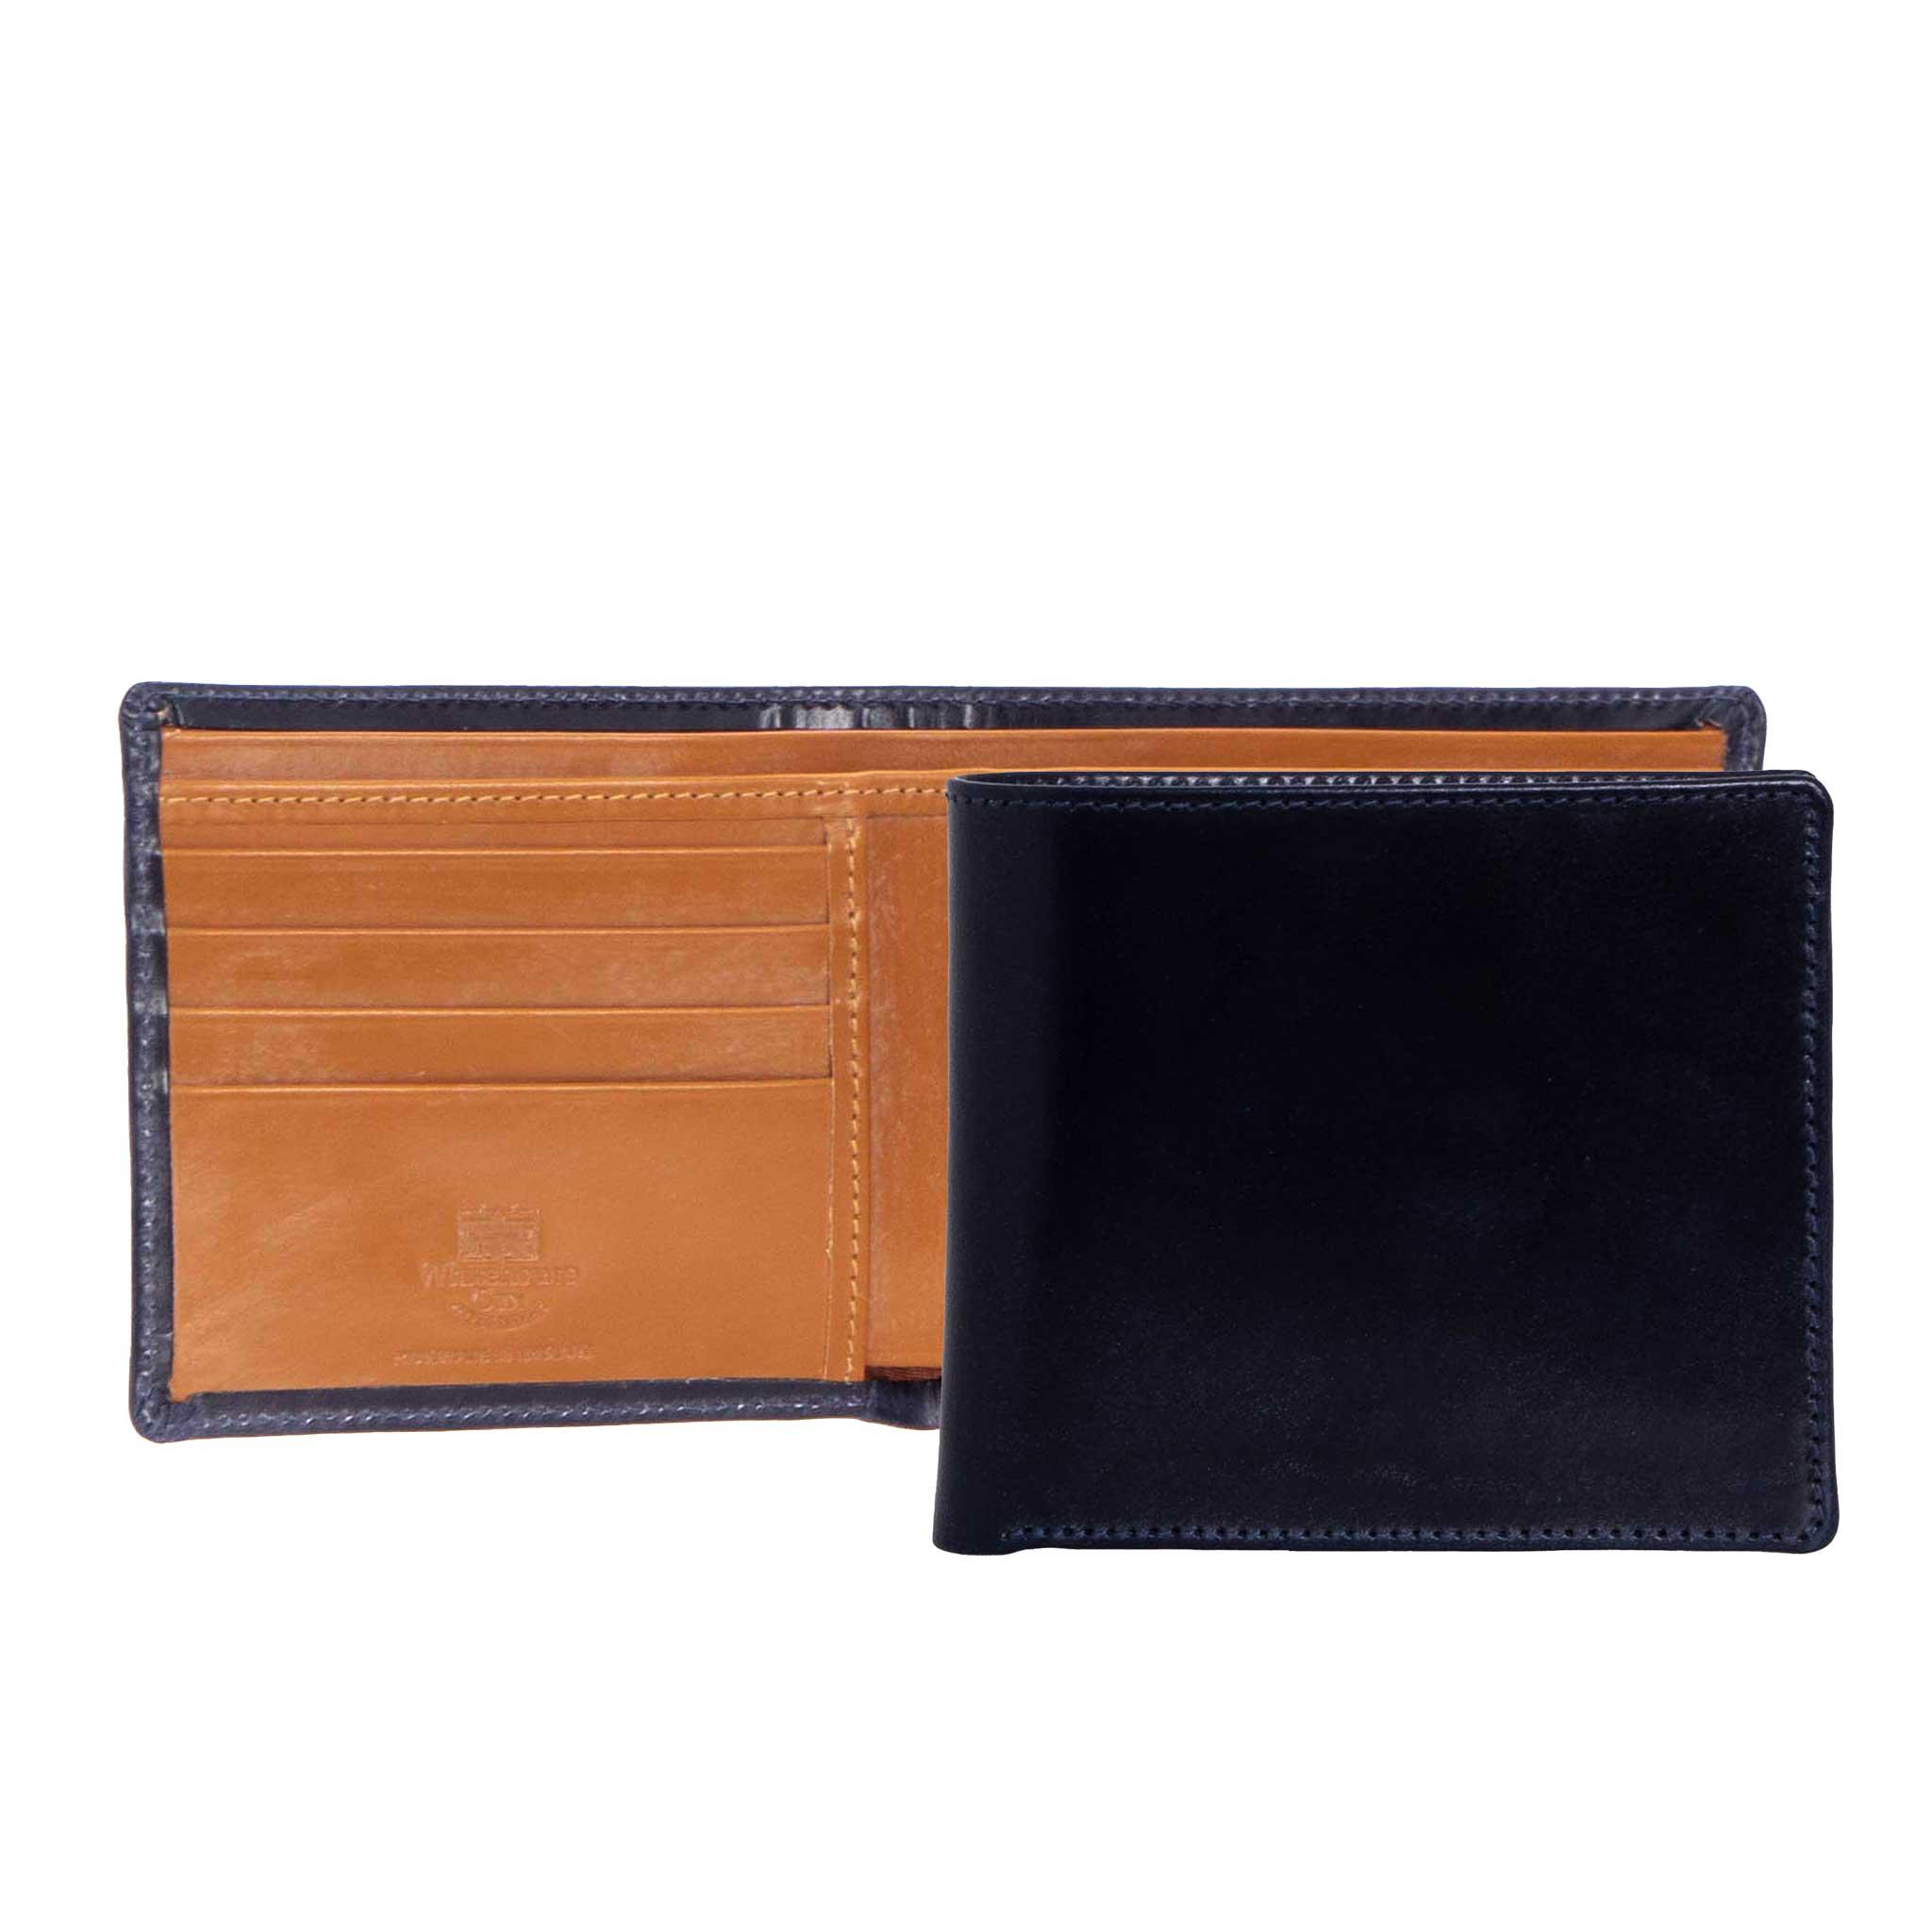 ホワイトハウスコックス WHITEHOUSE COX 財布 メンズ 二つ折り財布(小銭入れ付) ネイビー/ニュートン COIN WALLET S7532 NAVY/NEWTON (JP)【英国】